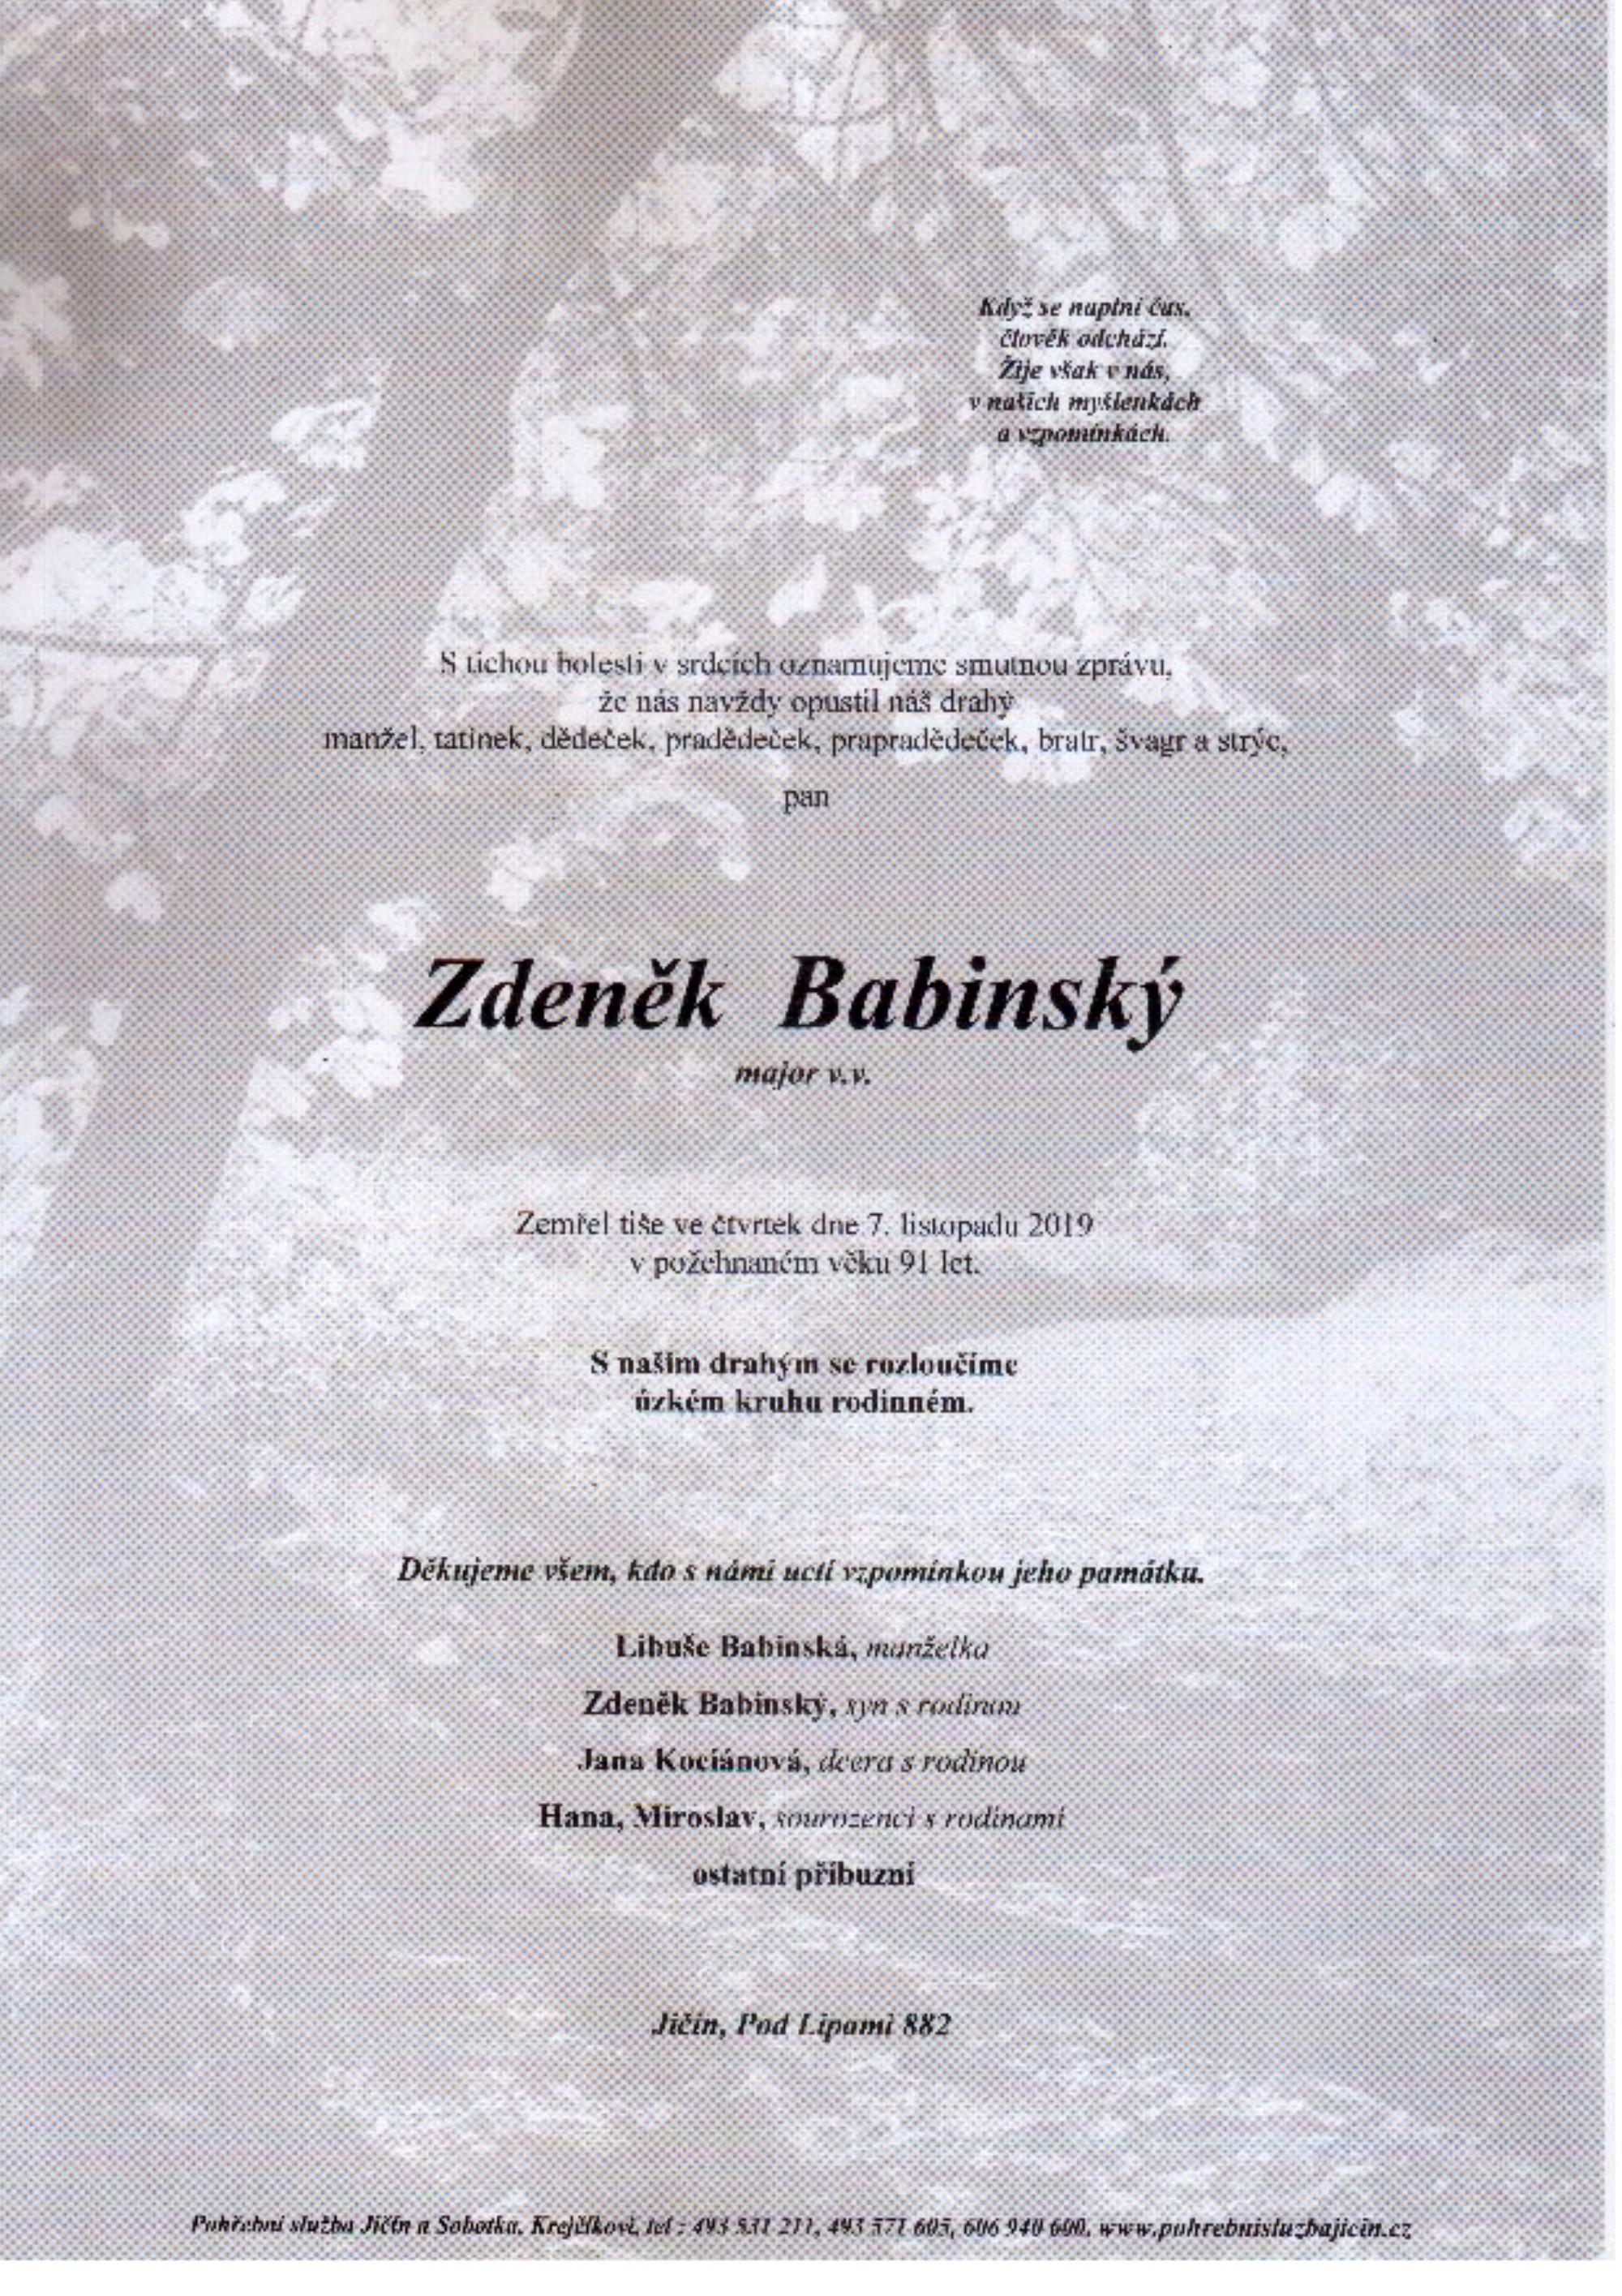 Zdeněk Babinský